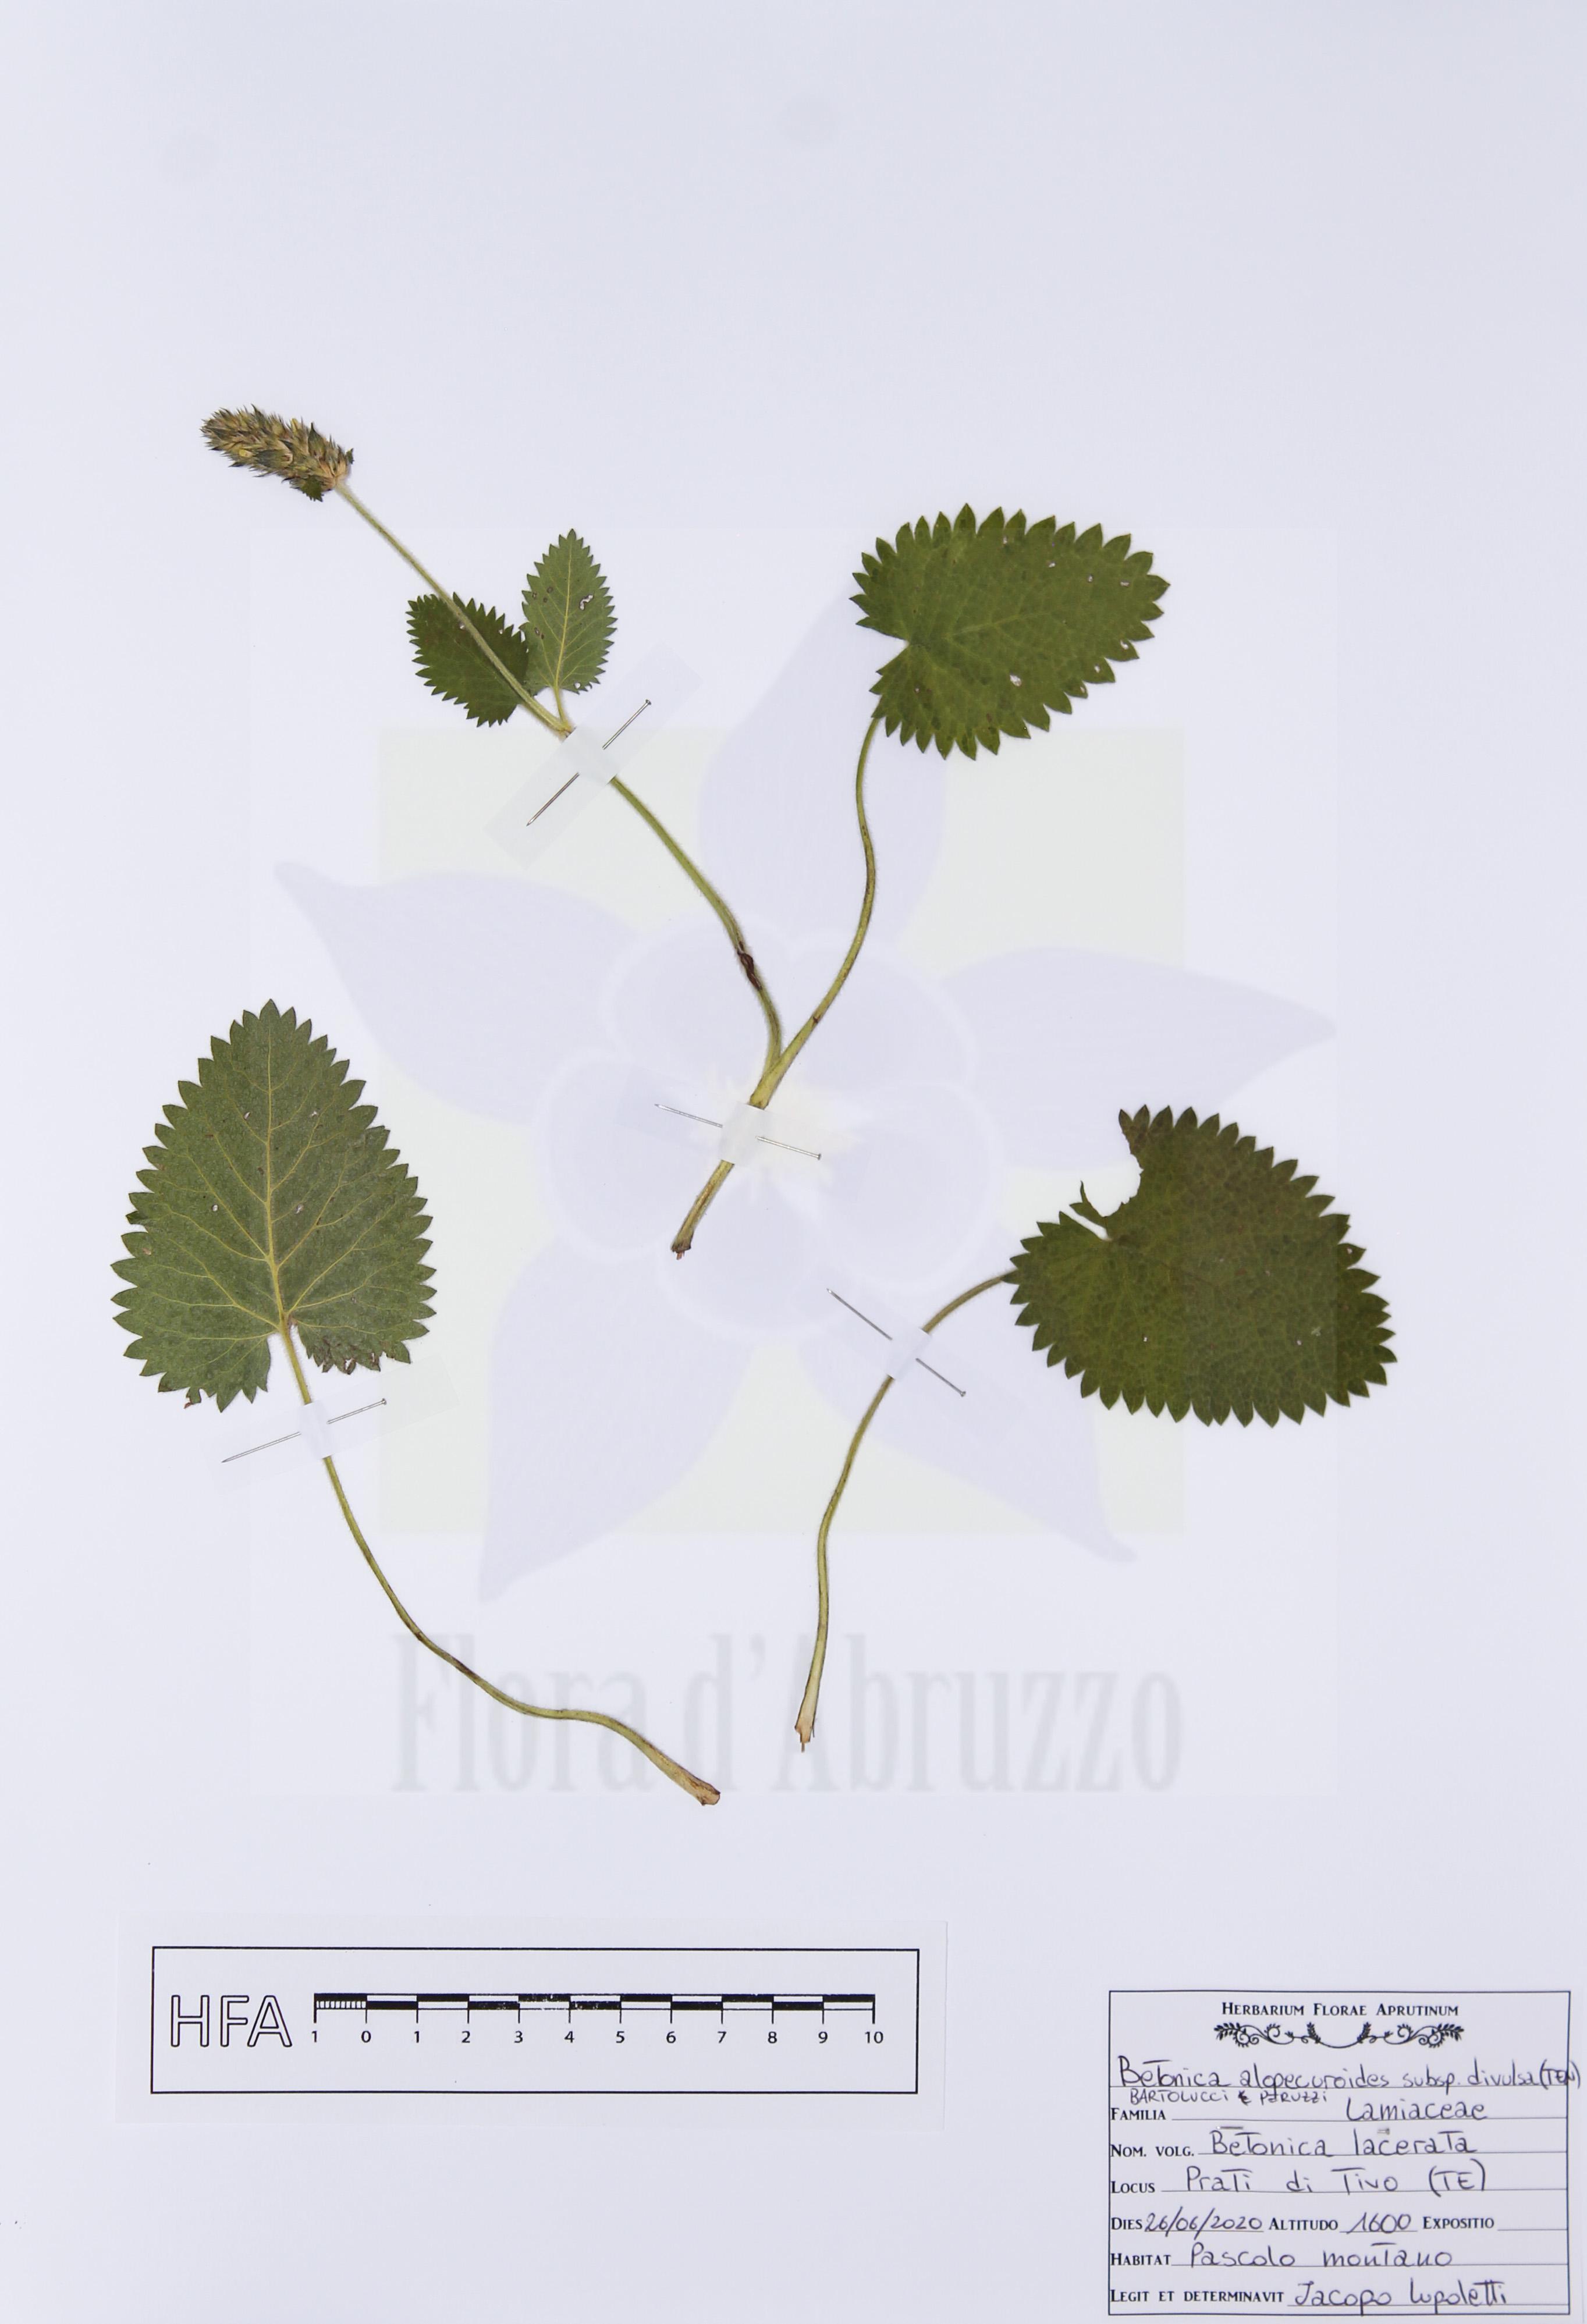 Betonica alopecurossubsp.divulsa(Ten.) Bartolucci & Peruzzi